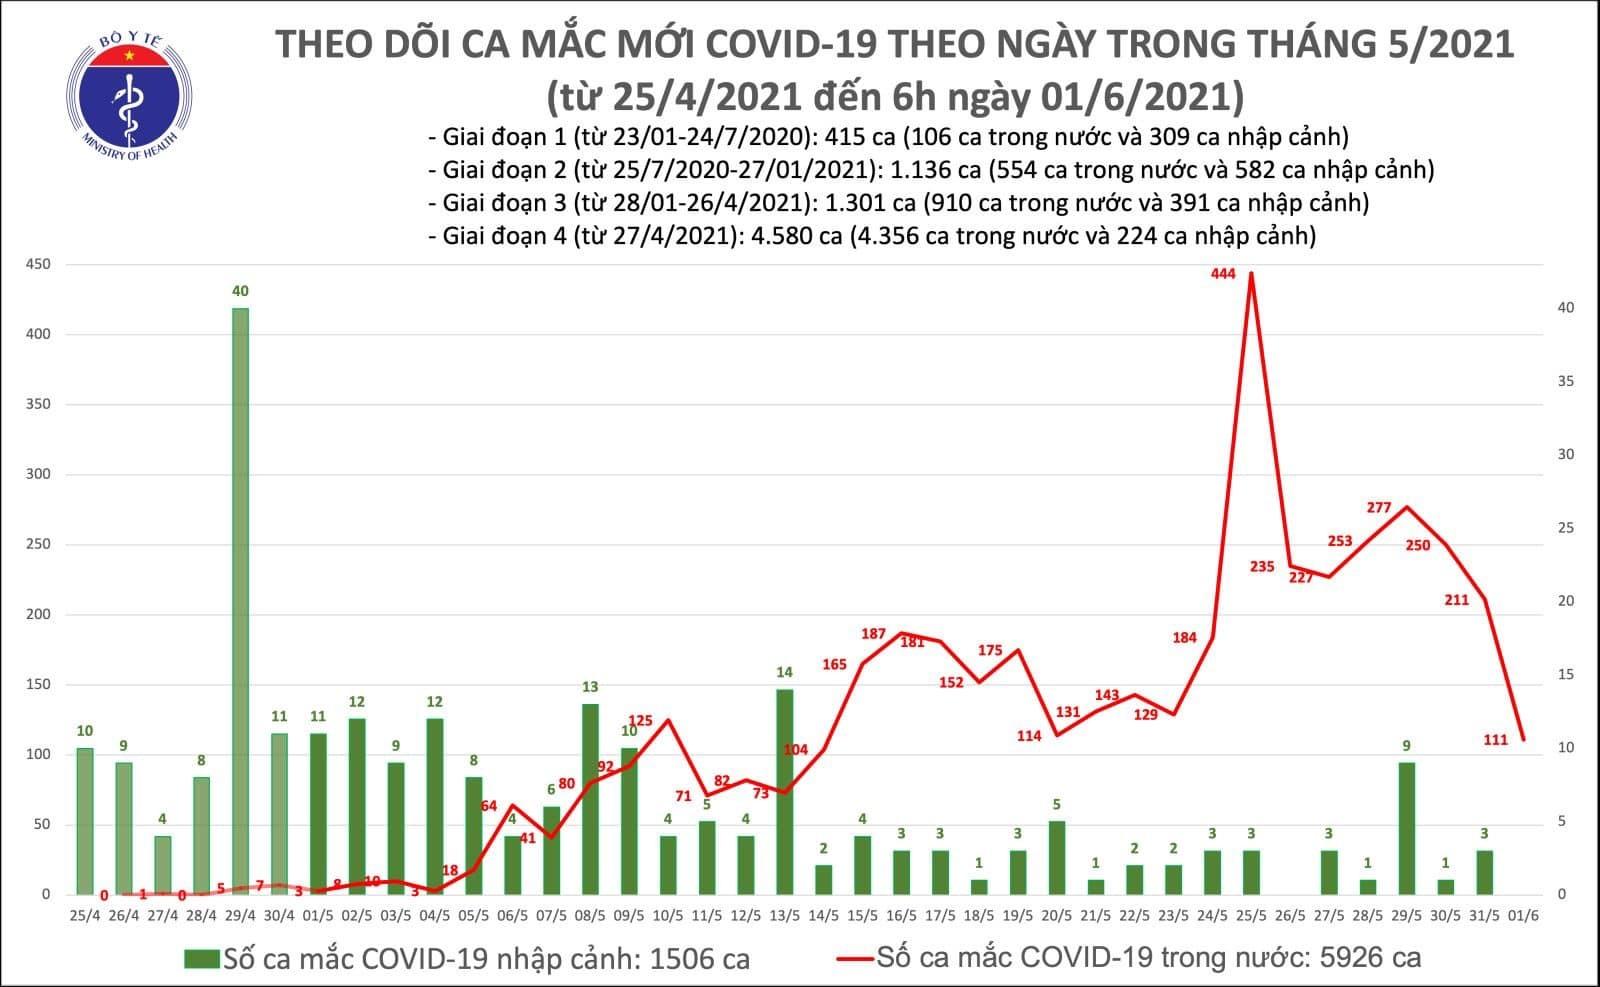 Thêm 111 ca Covid-19 trong nước, TP.HCM có 51 trường hợp